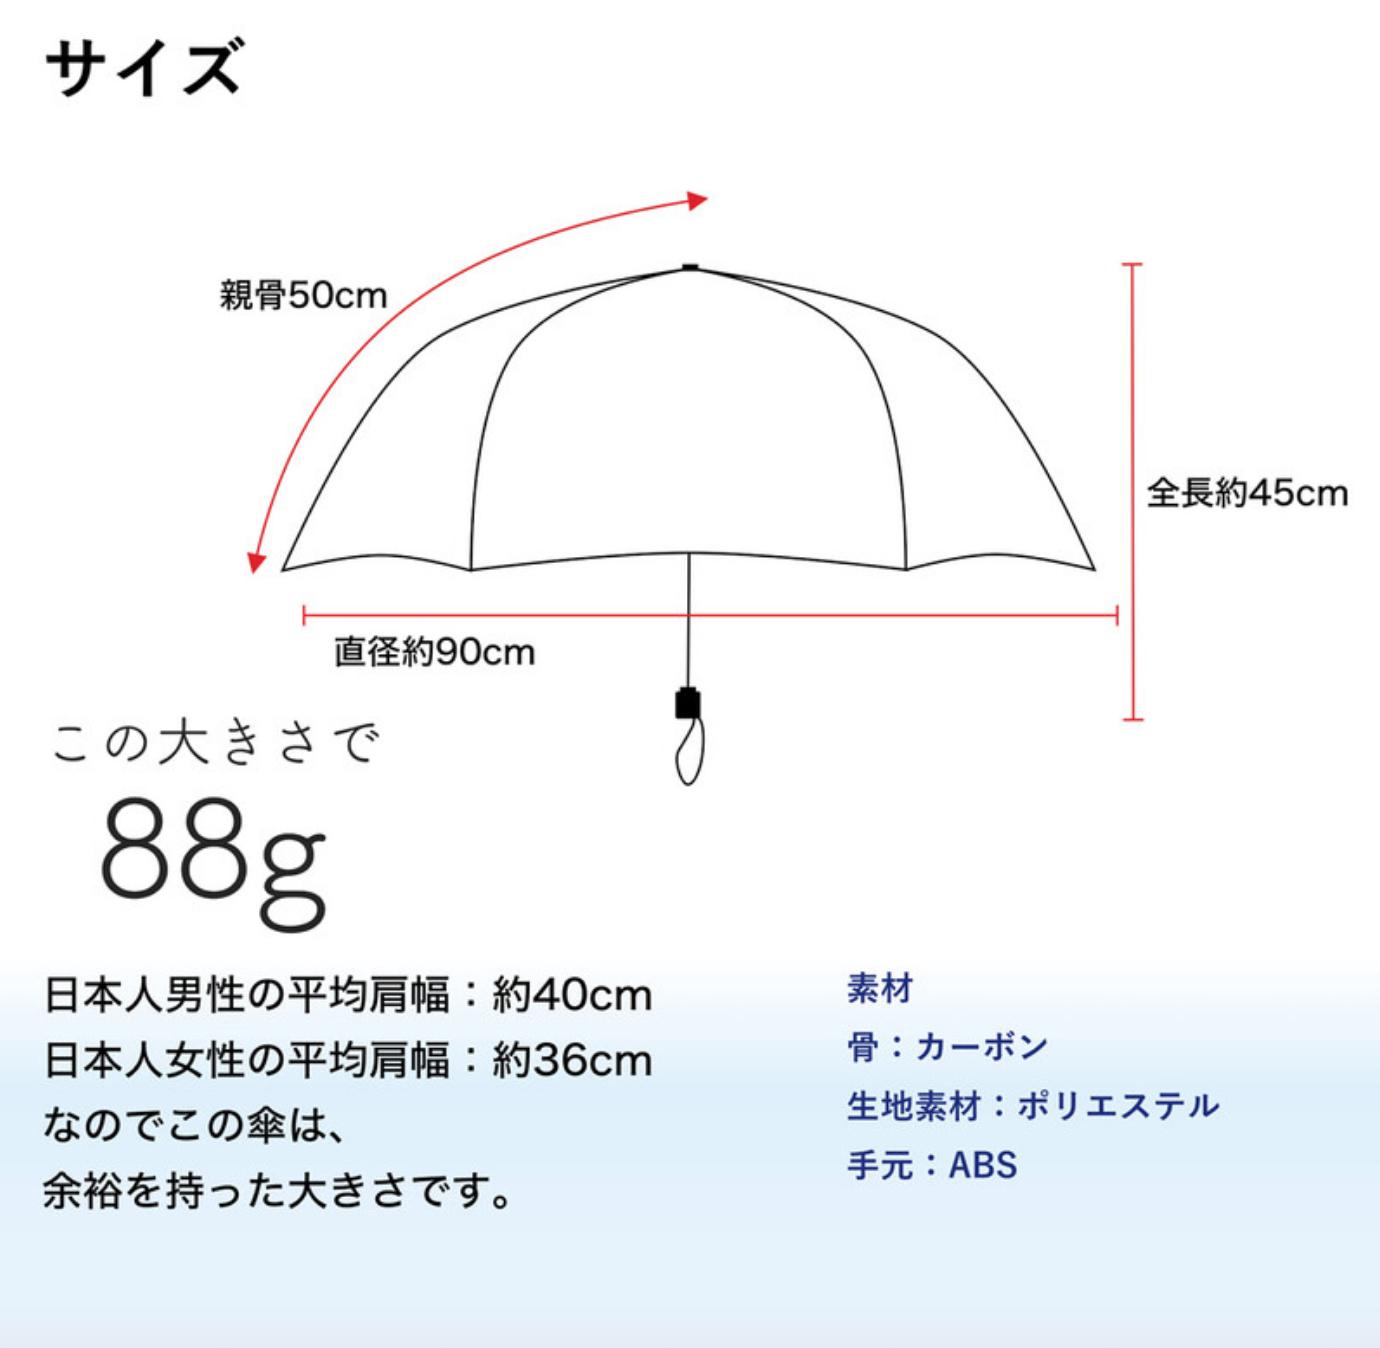 日本Amane極輕量折疊傘88g 小尺寸 13